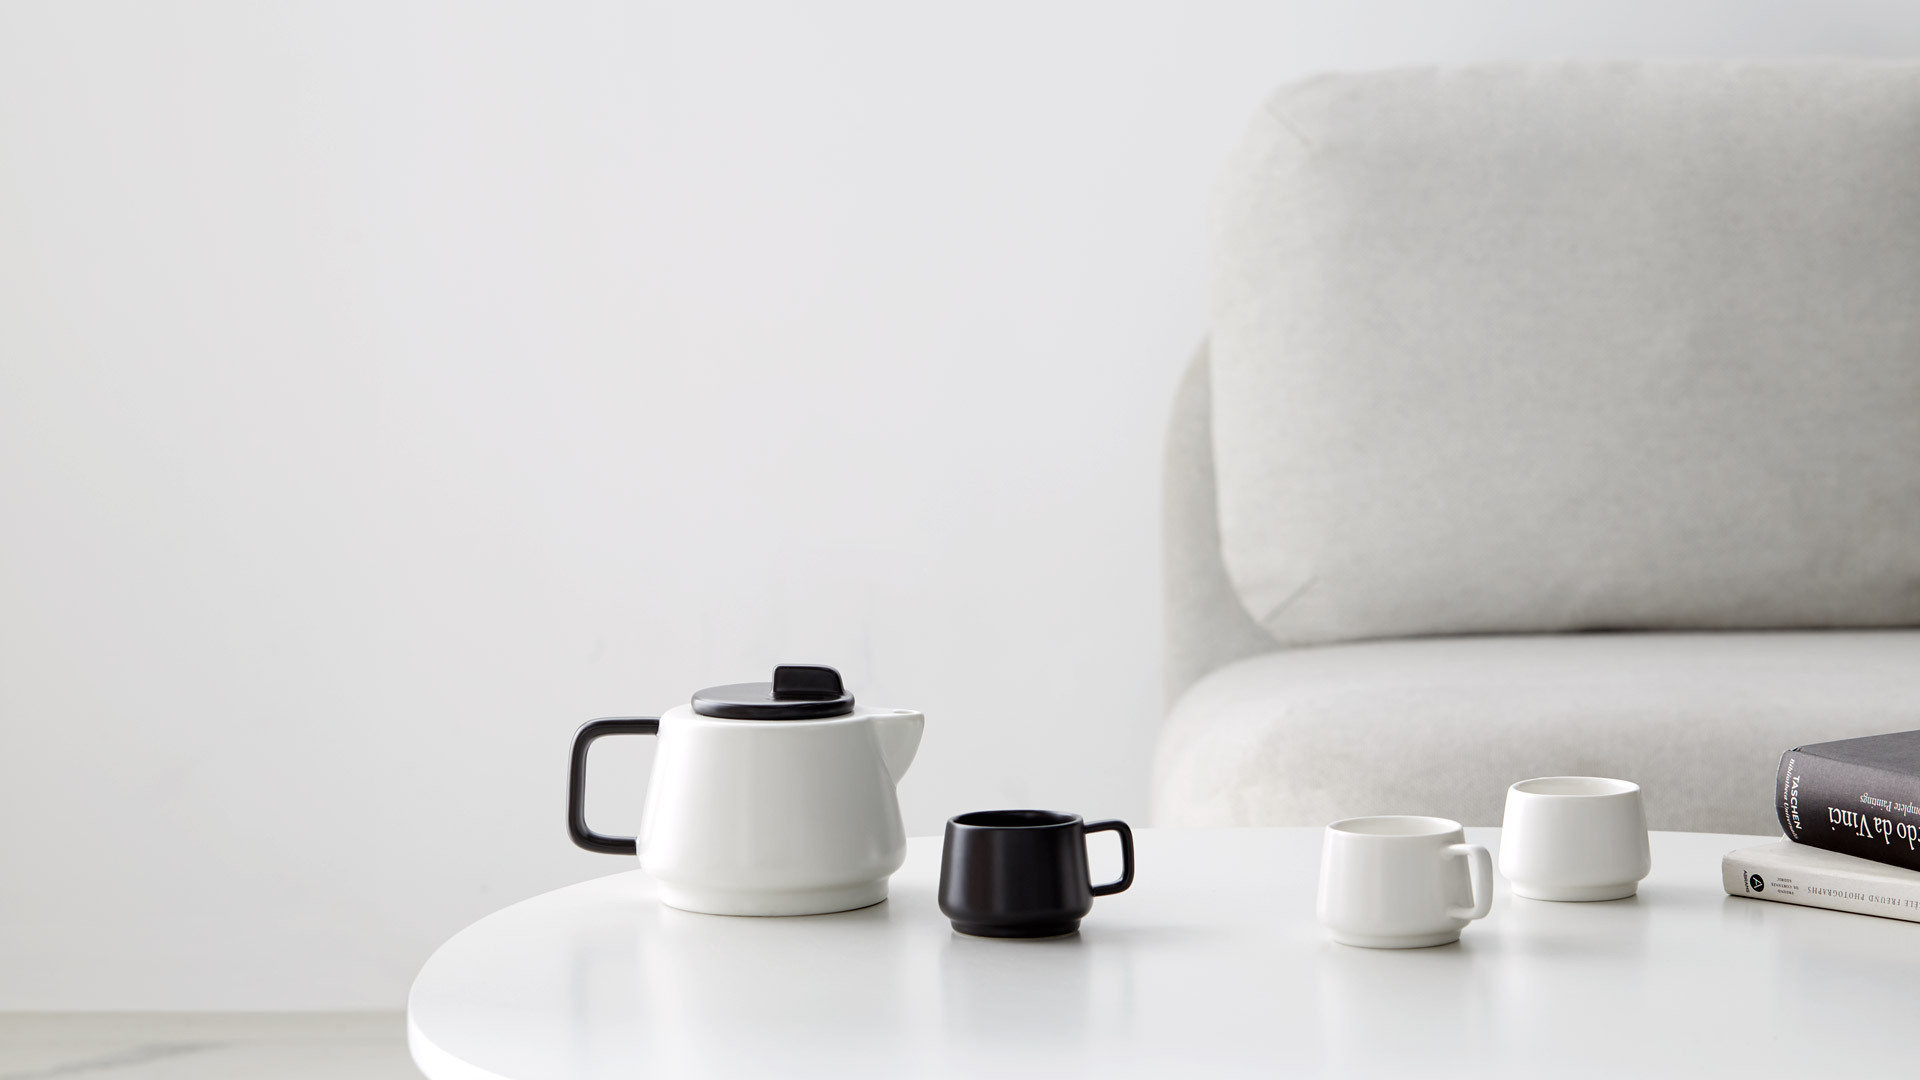 选择你的茶杯颜色,轻松打开话题